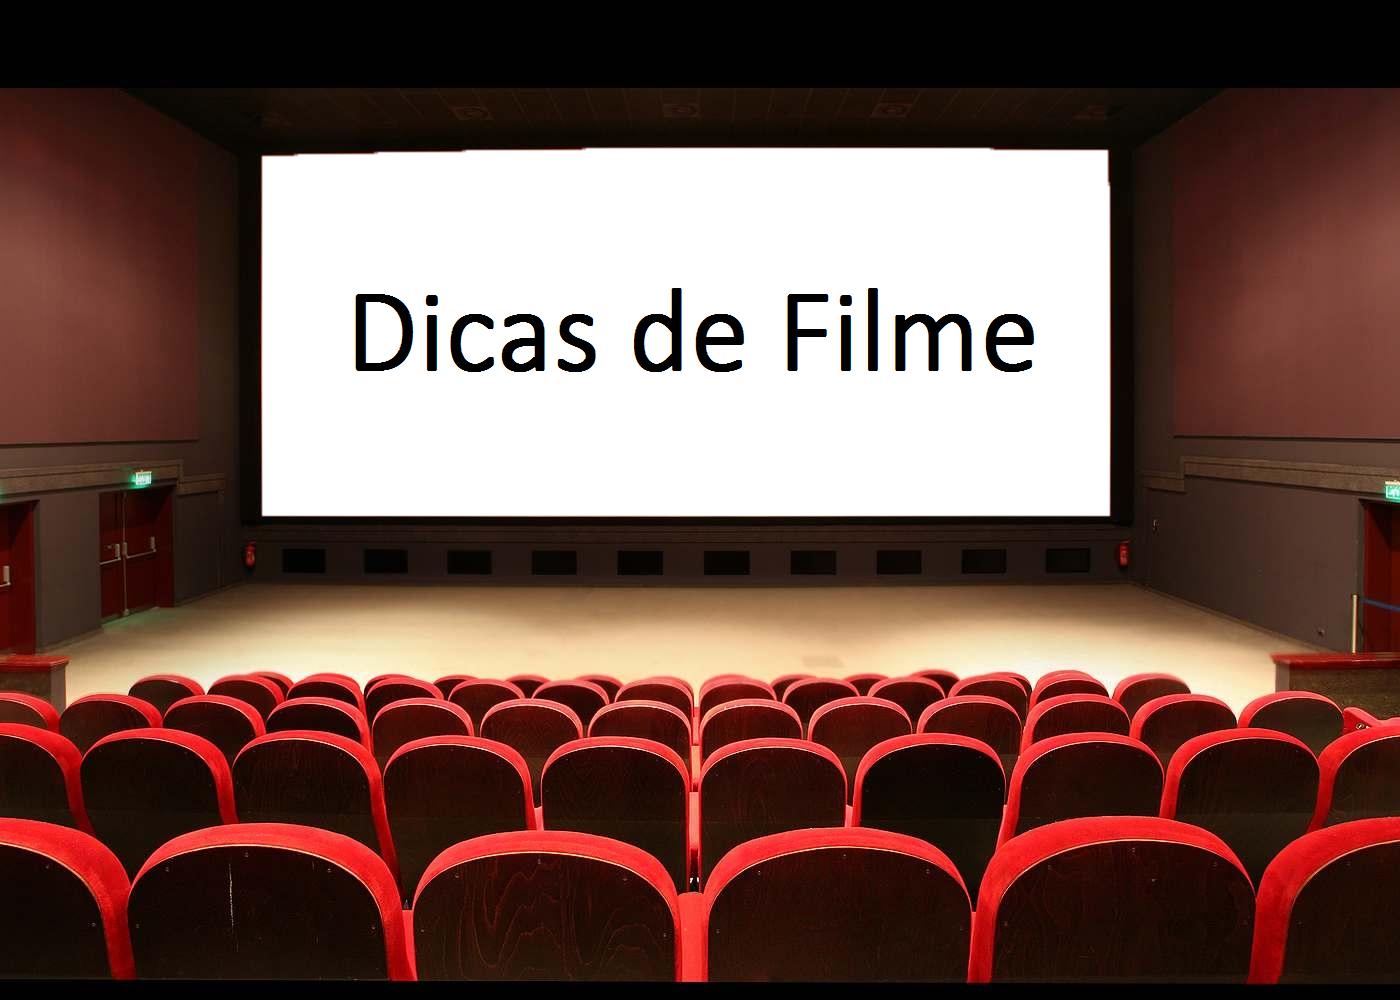 Dicas de Filme